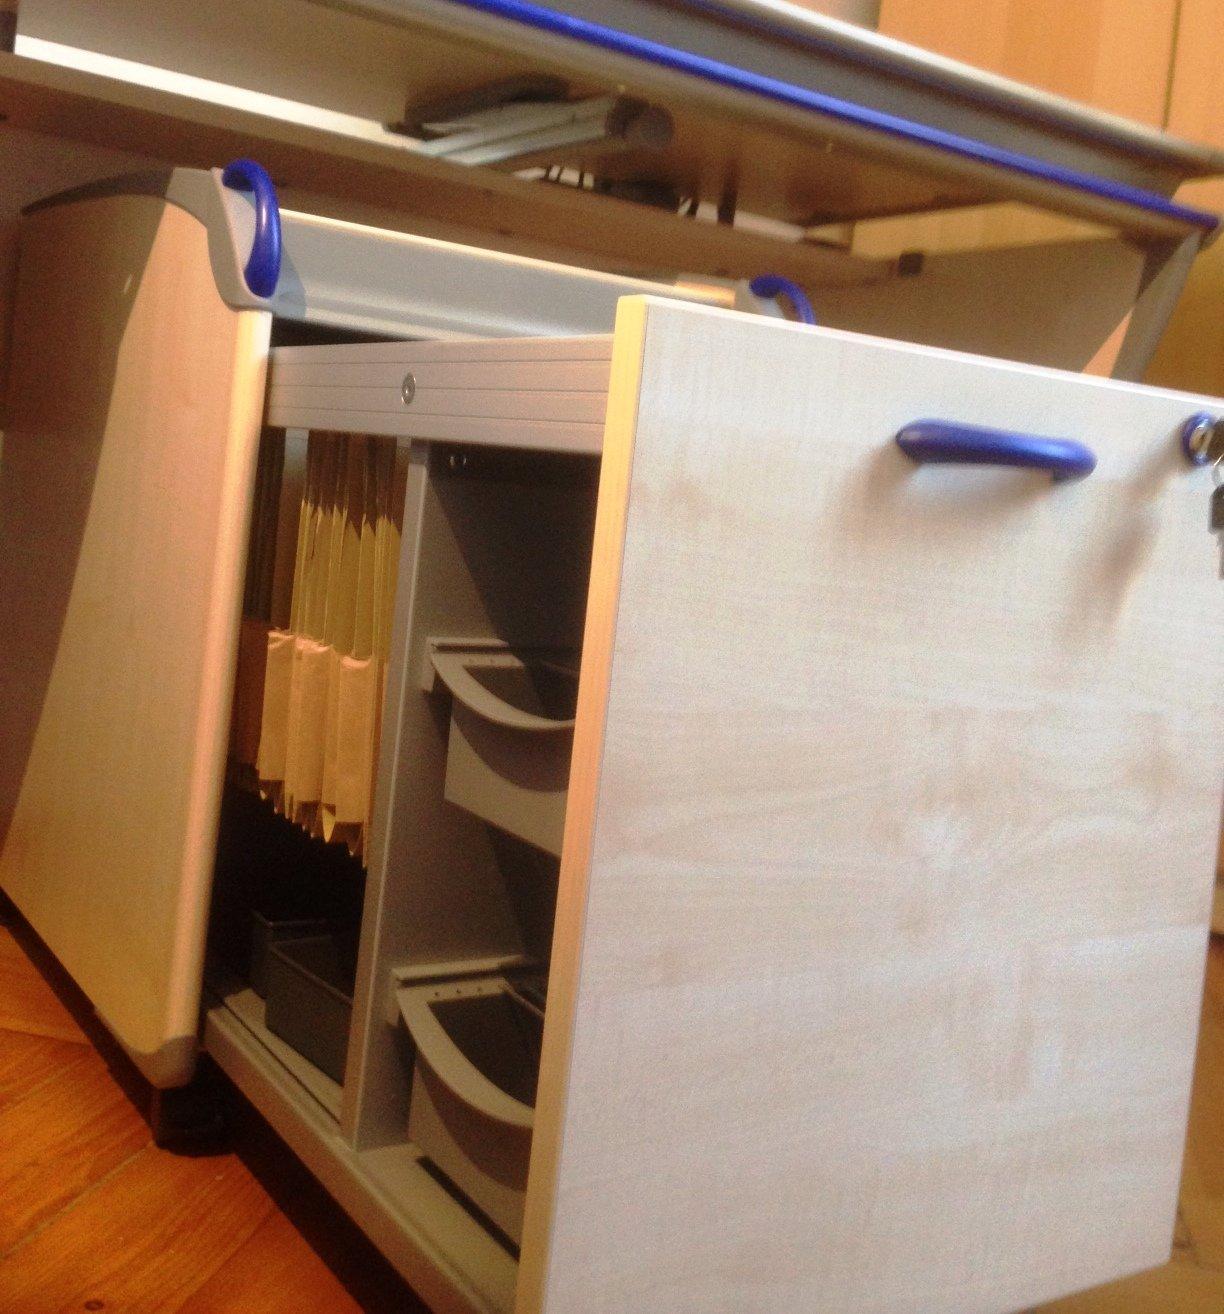 moll schreibtisch tisch container h ngeregistratur tageslicht schreibtischlampe ebay. Black Bedroom Furniture Sets. Home Design Ideas